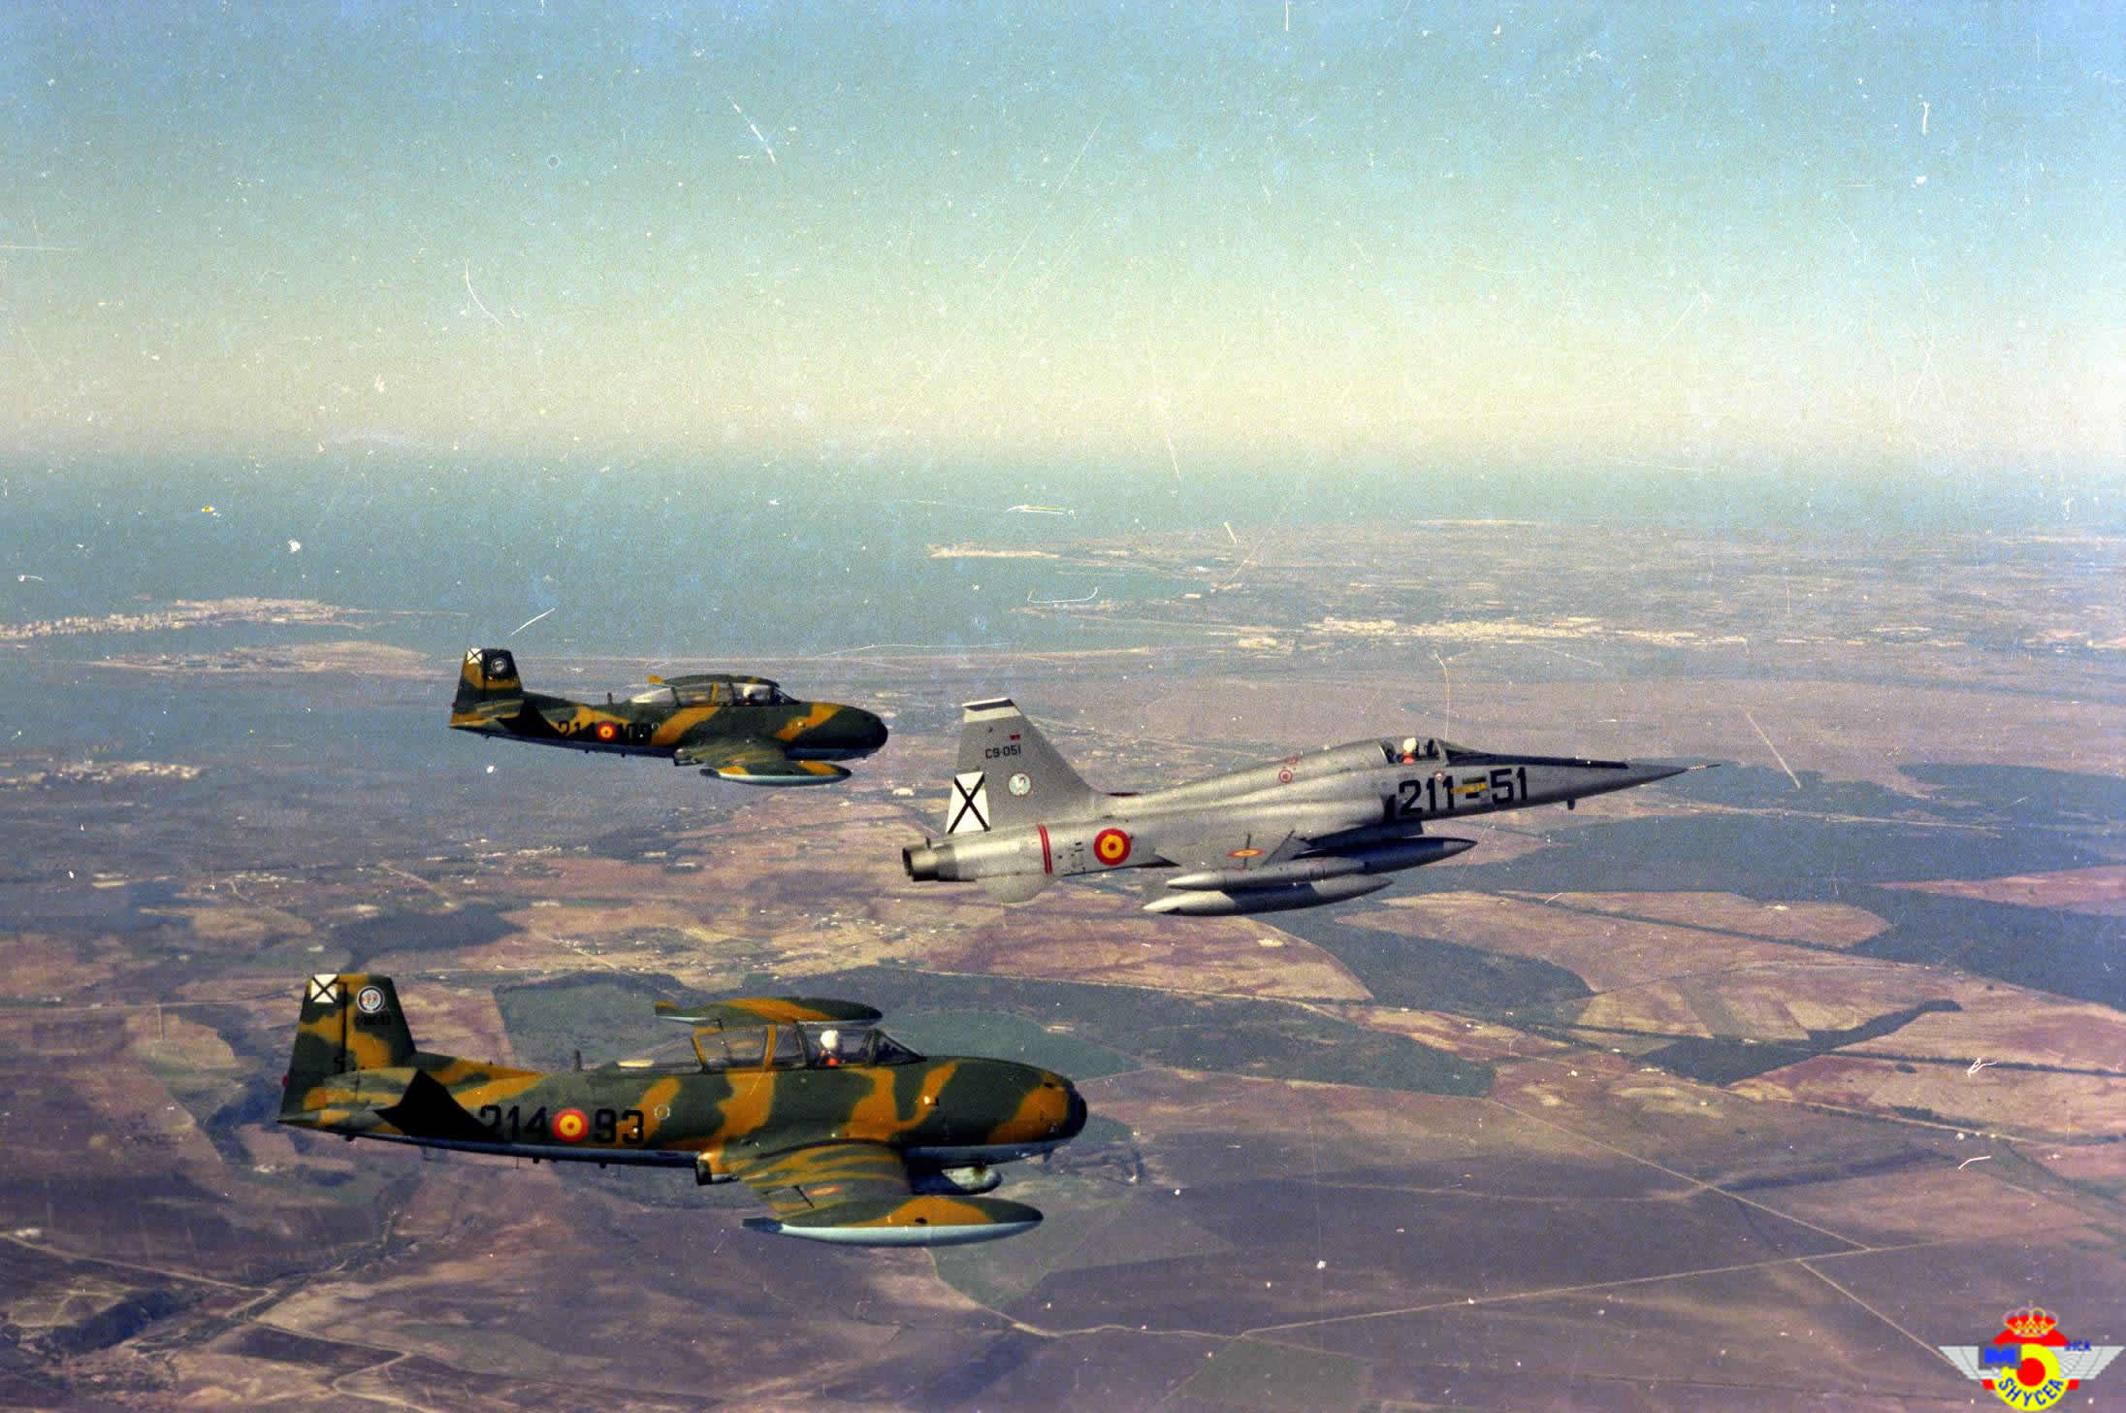 Hermosa y nostálgica foto donde dos Supersaetas del escuadrón 214 escoltan a un Northrop F-5 del escuadrón 211, todos ellos pertenecientes a la Base de Morón de la Frontera (Fuente: Ejército del Aire)